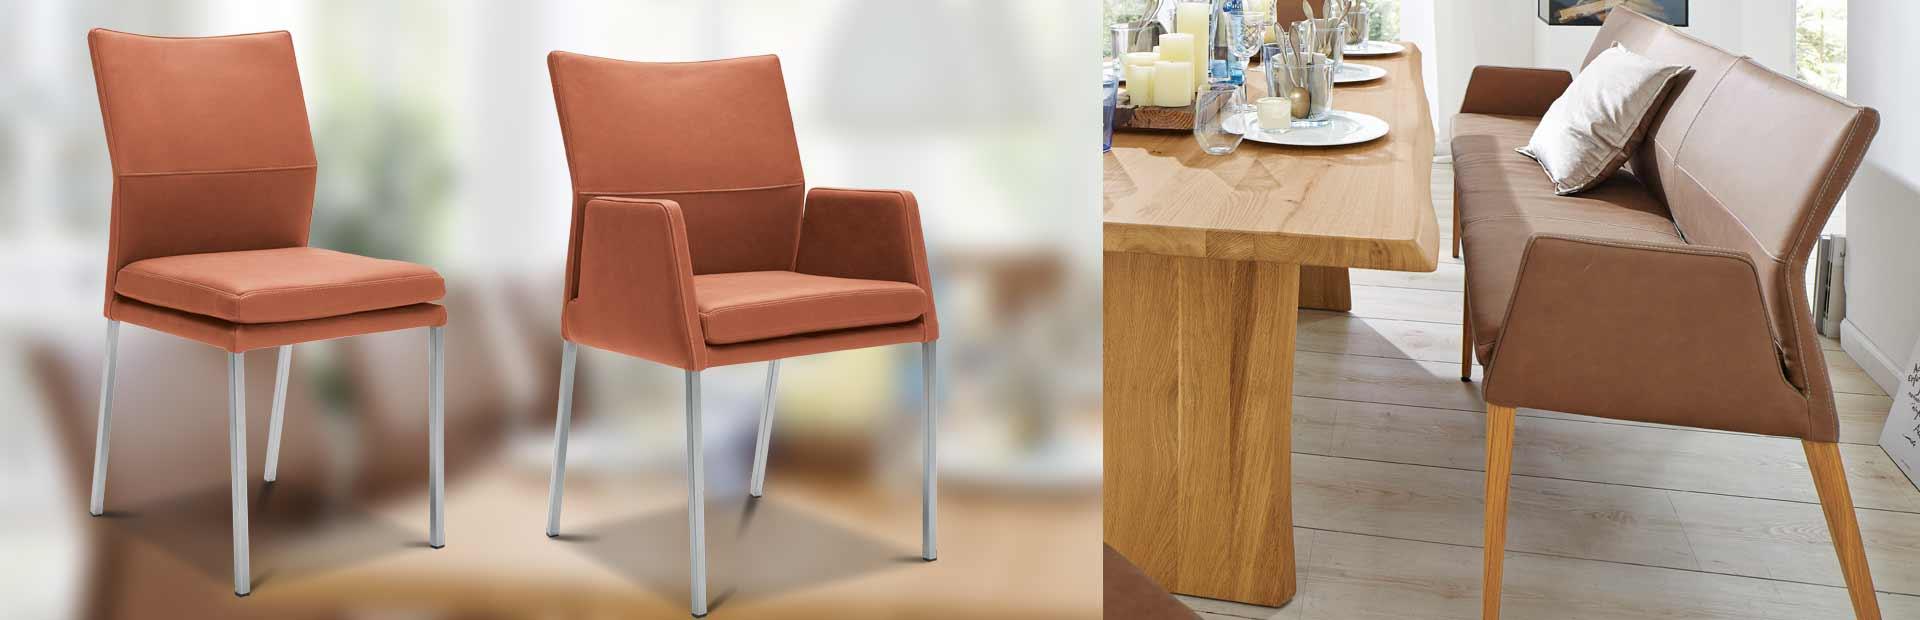 natura carry von natura einrichten in schneverdingen. Black Bedroom Furniture Sets. Home Design Ideas